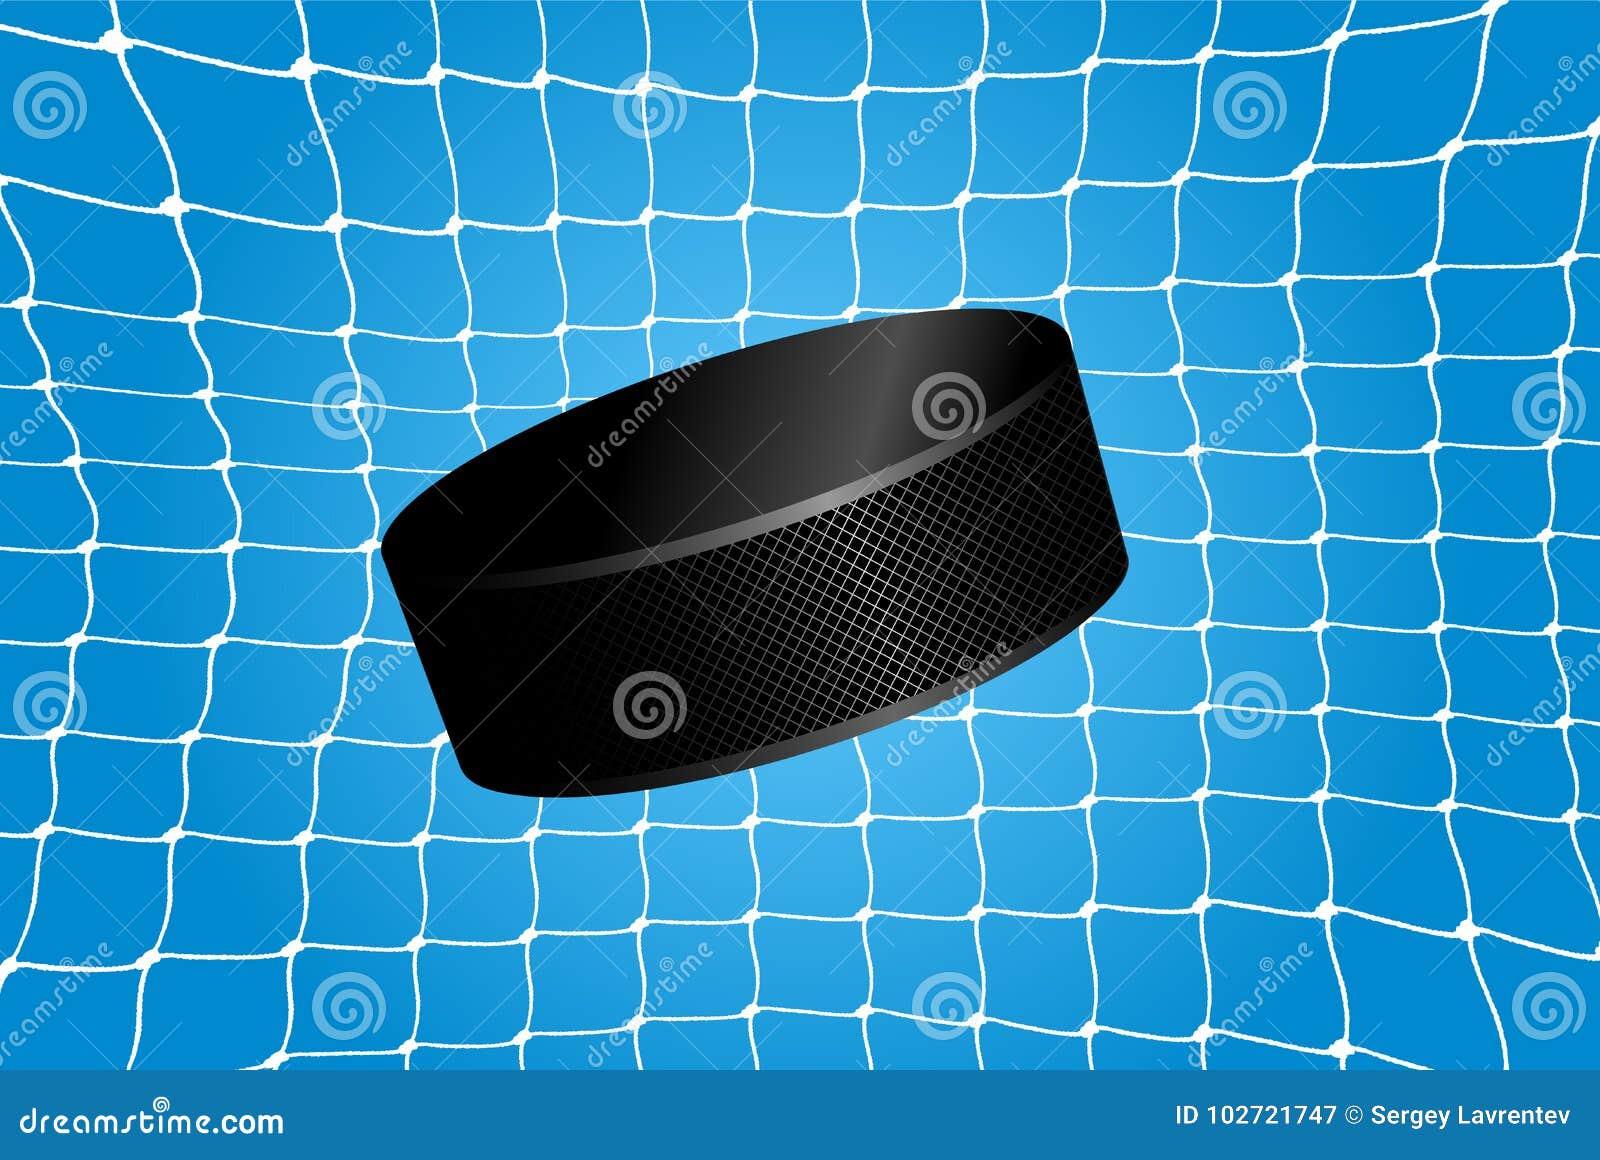 Doel - een hockeypuck in het net